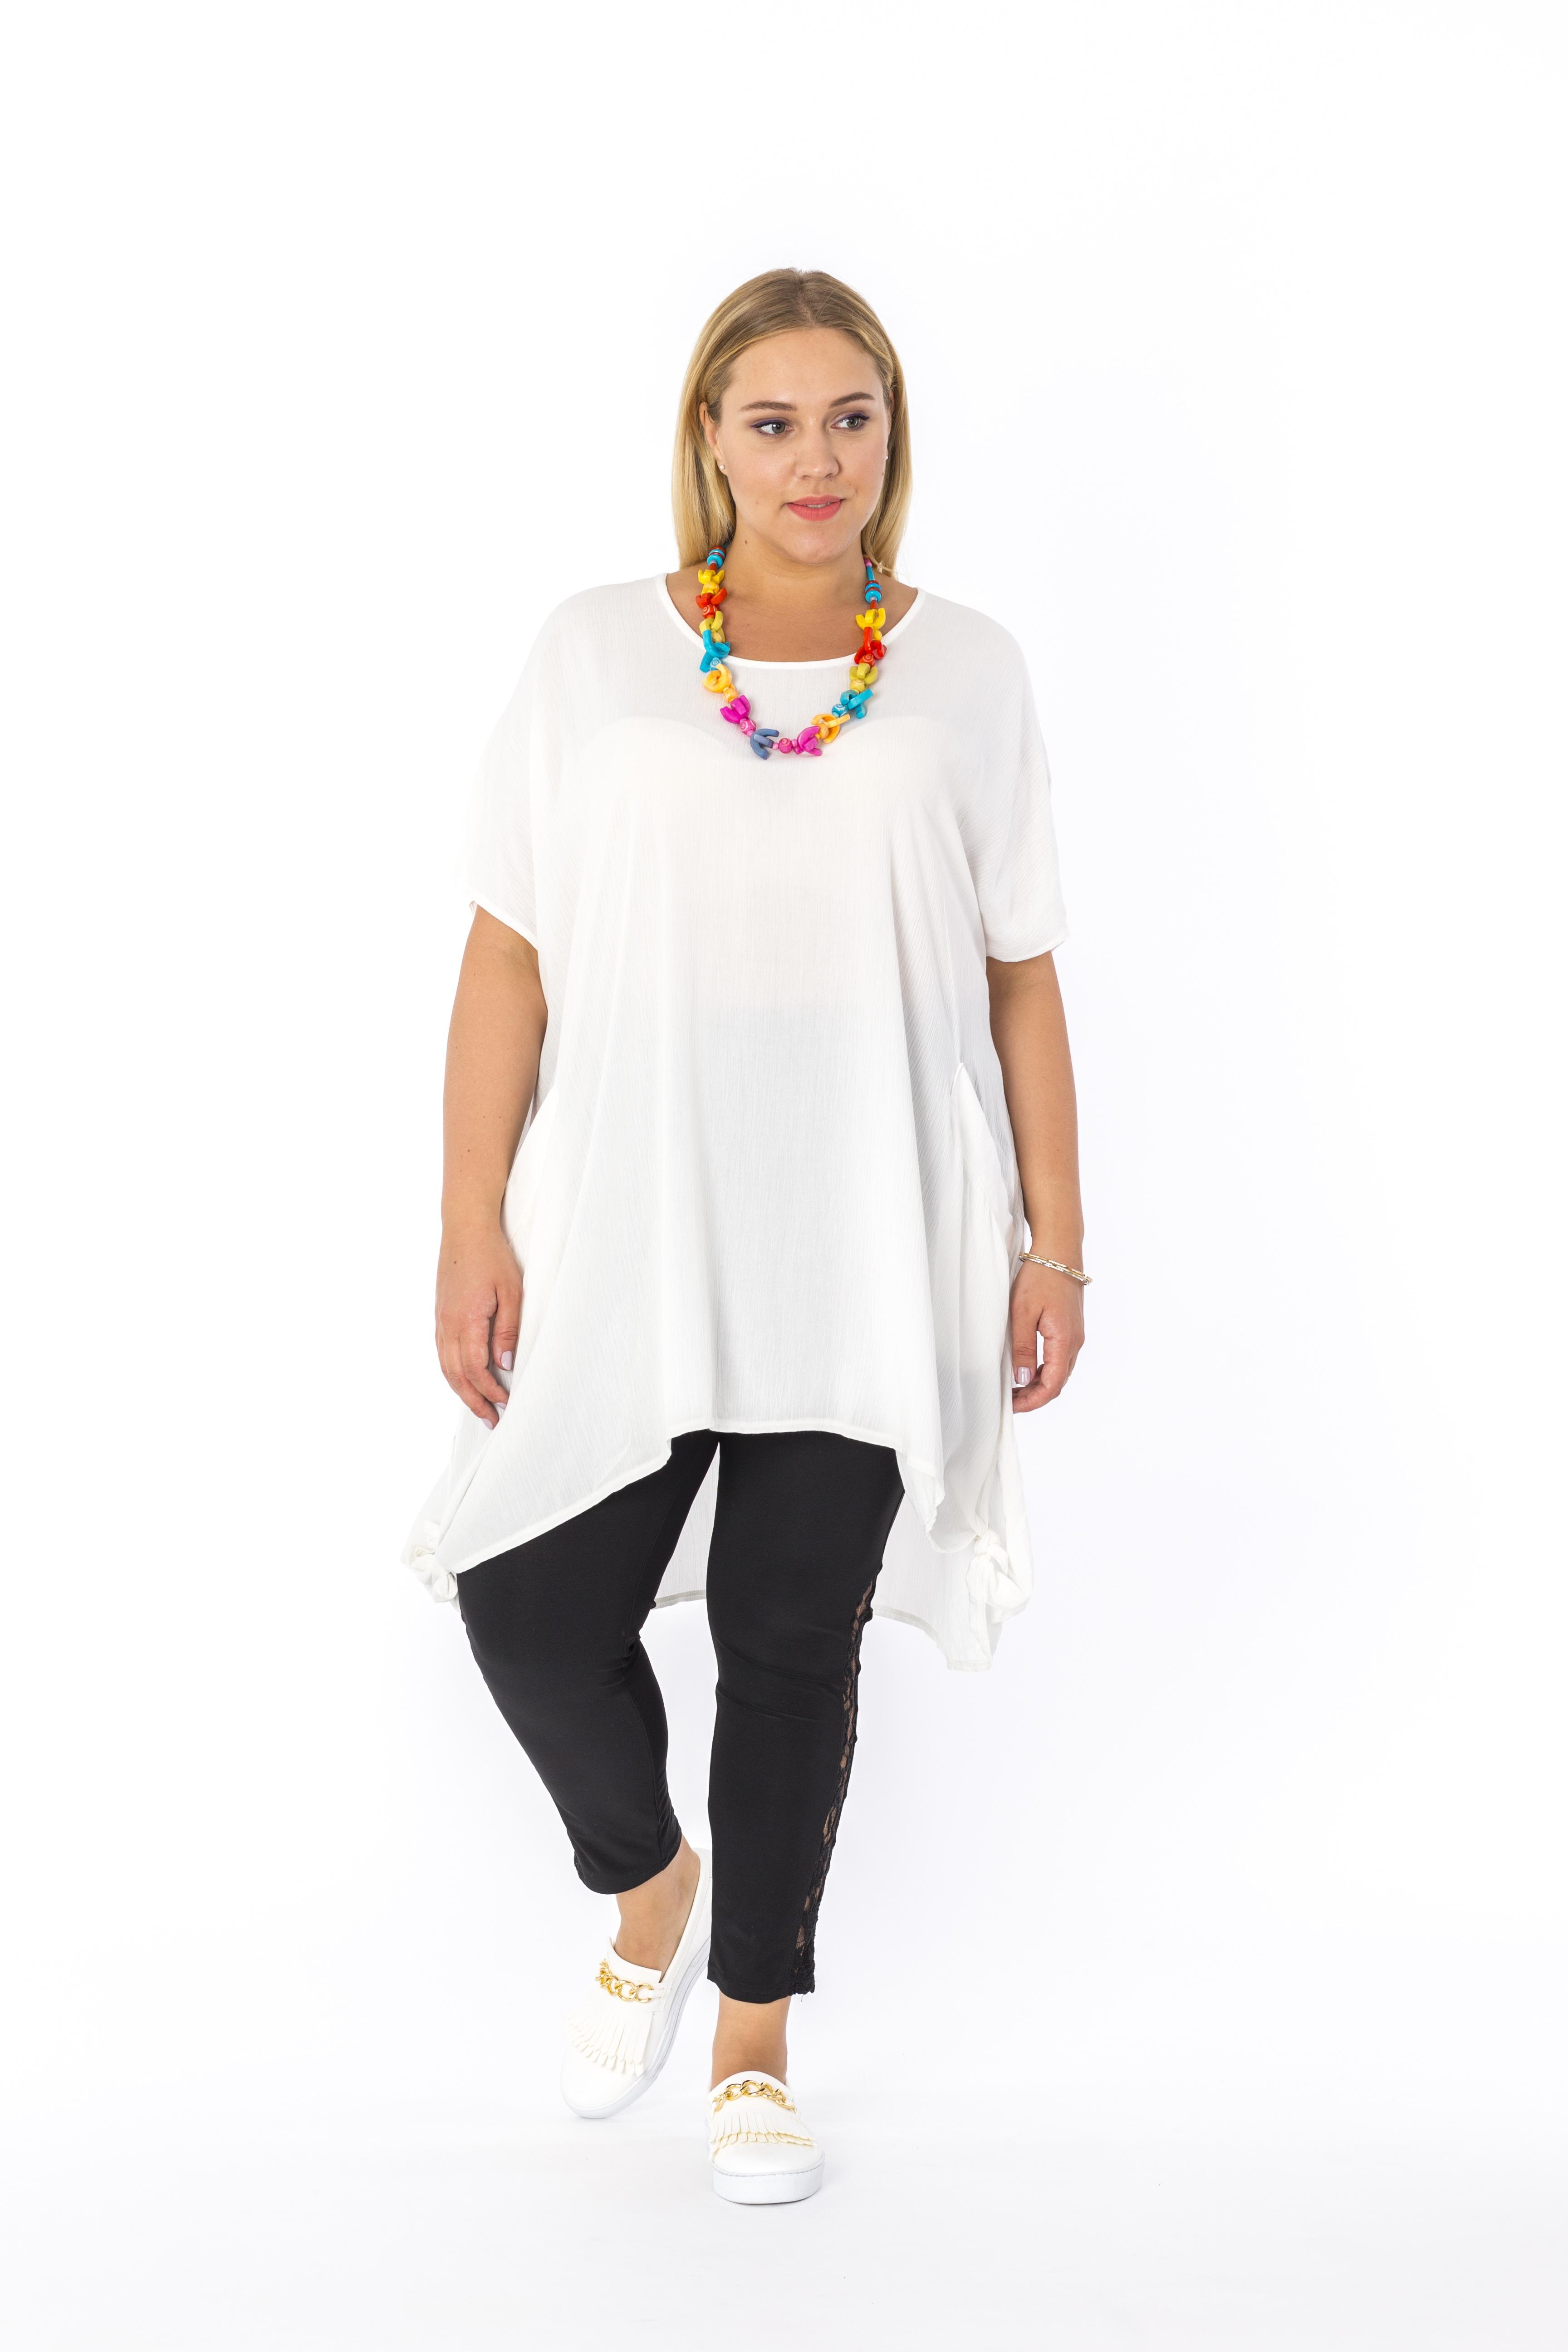 mujer blanco modelo primavera Moda ropa ropa de calle cuello Xxl estilo  vestidos bolsillo manga talla 1b37cd3d7676